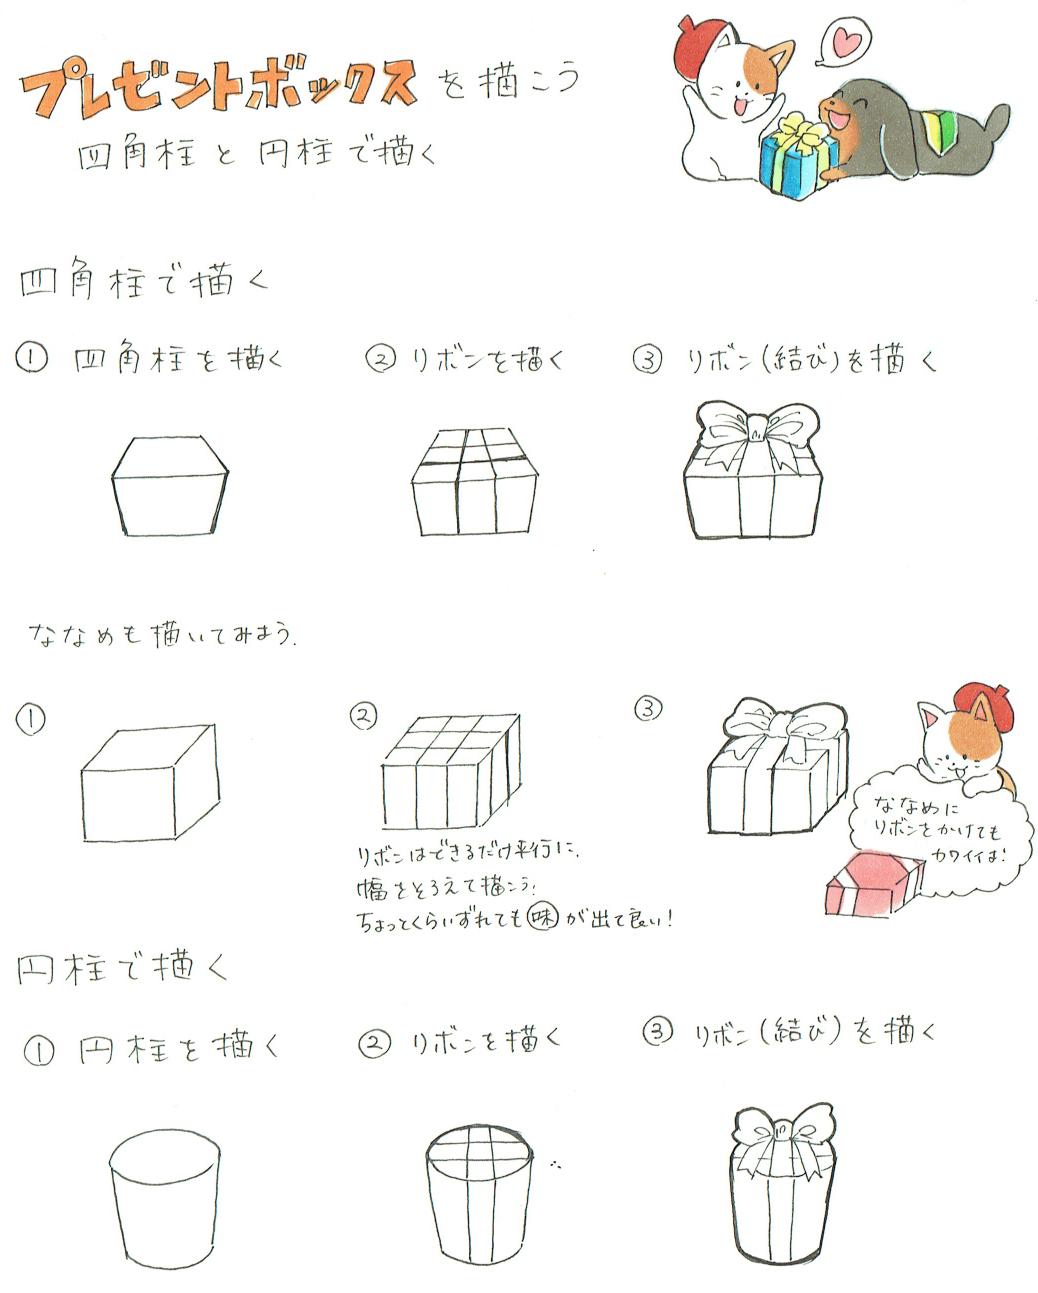 プレゼントボックスの描き方